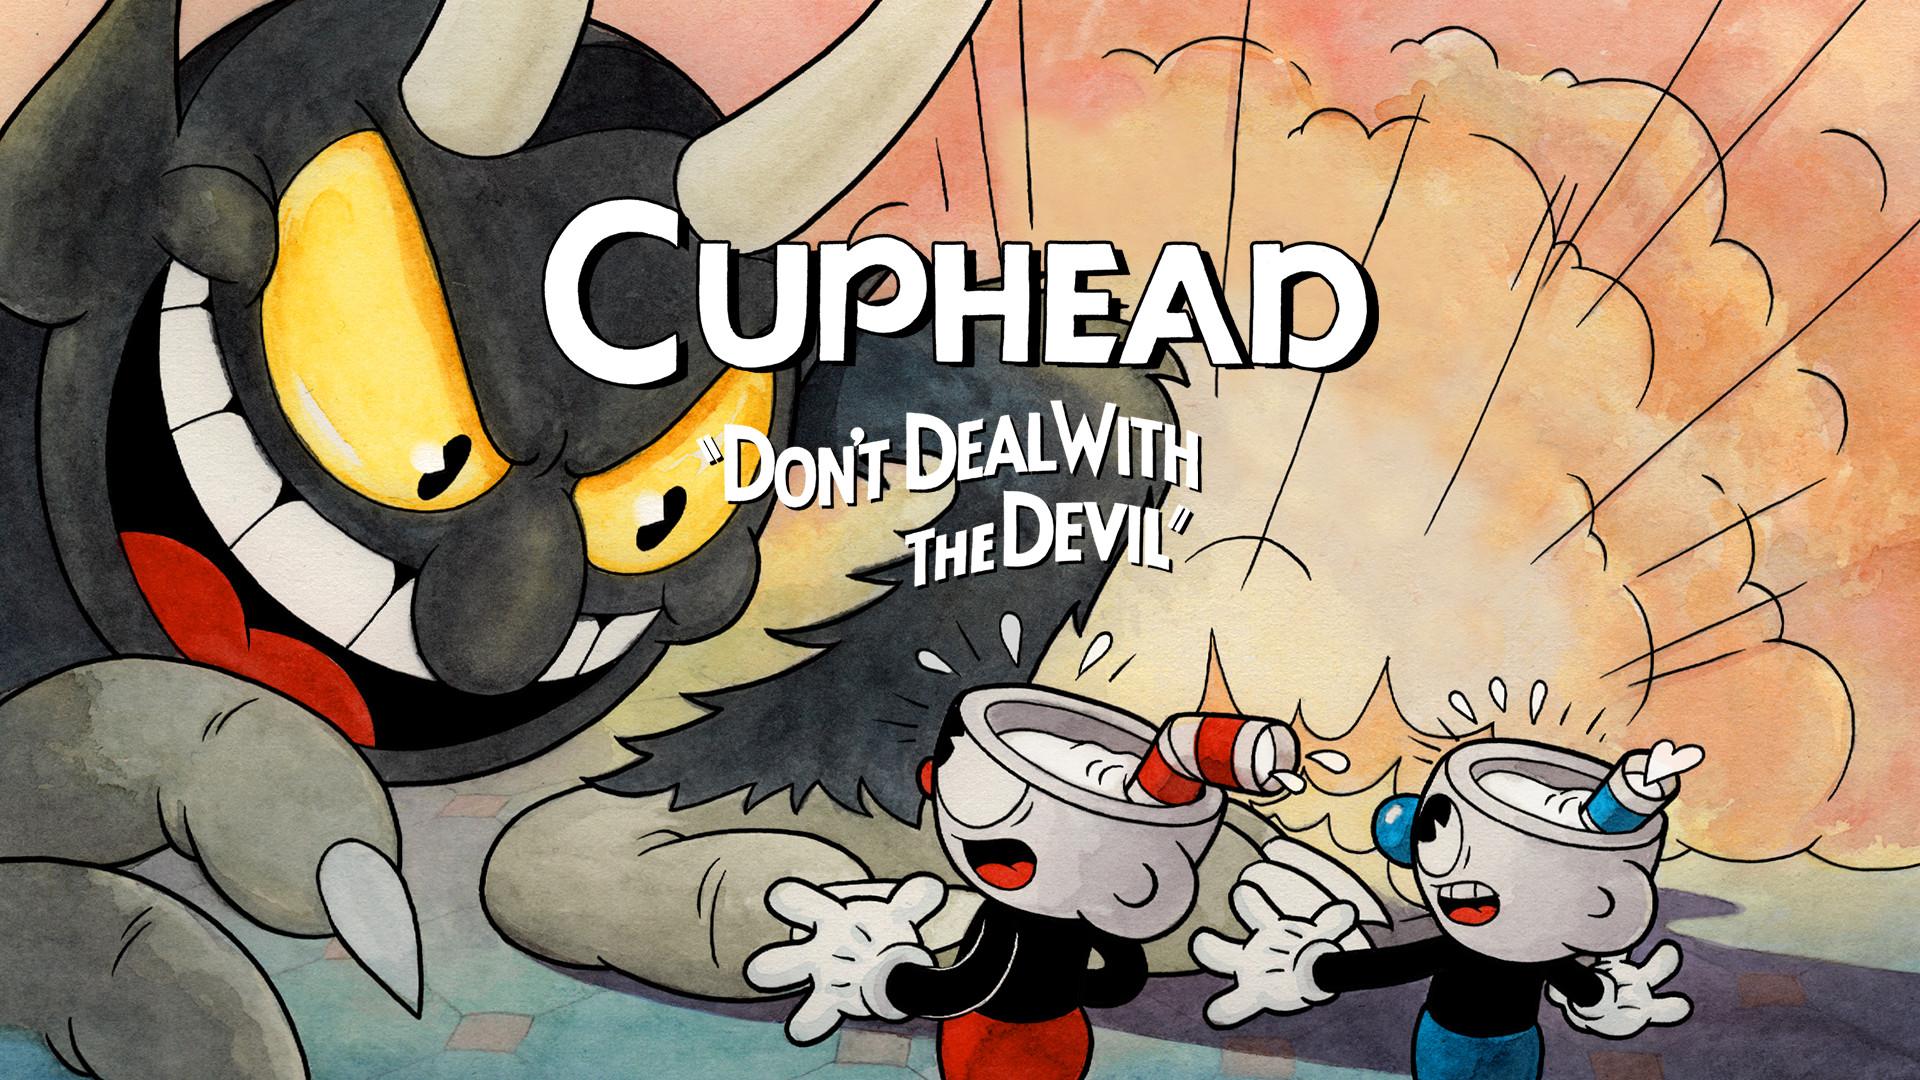 Картинки по запросу CupheaD